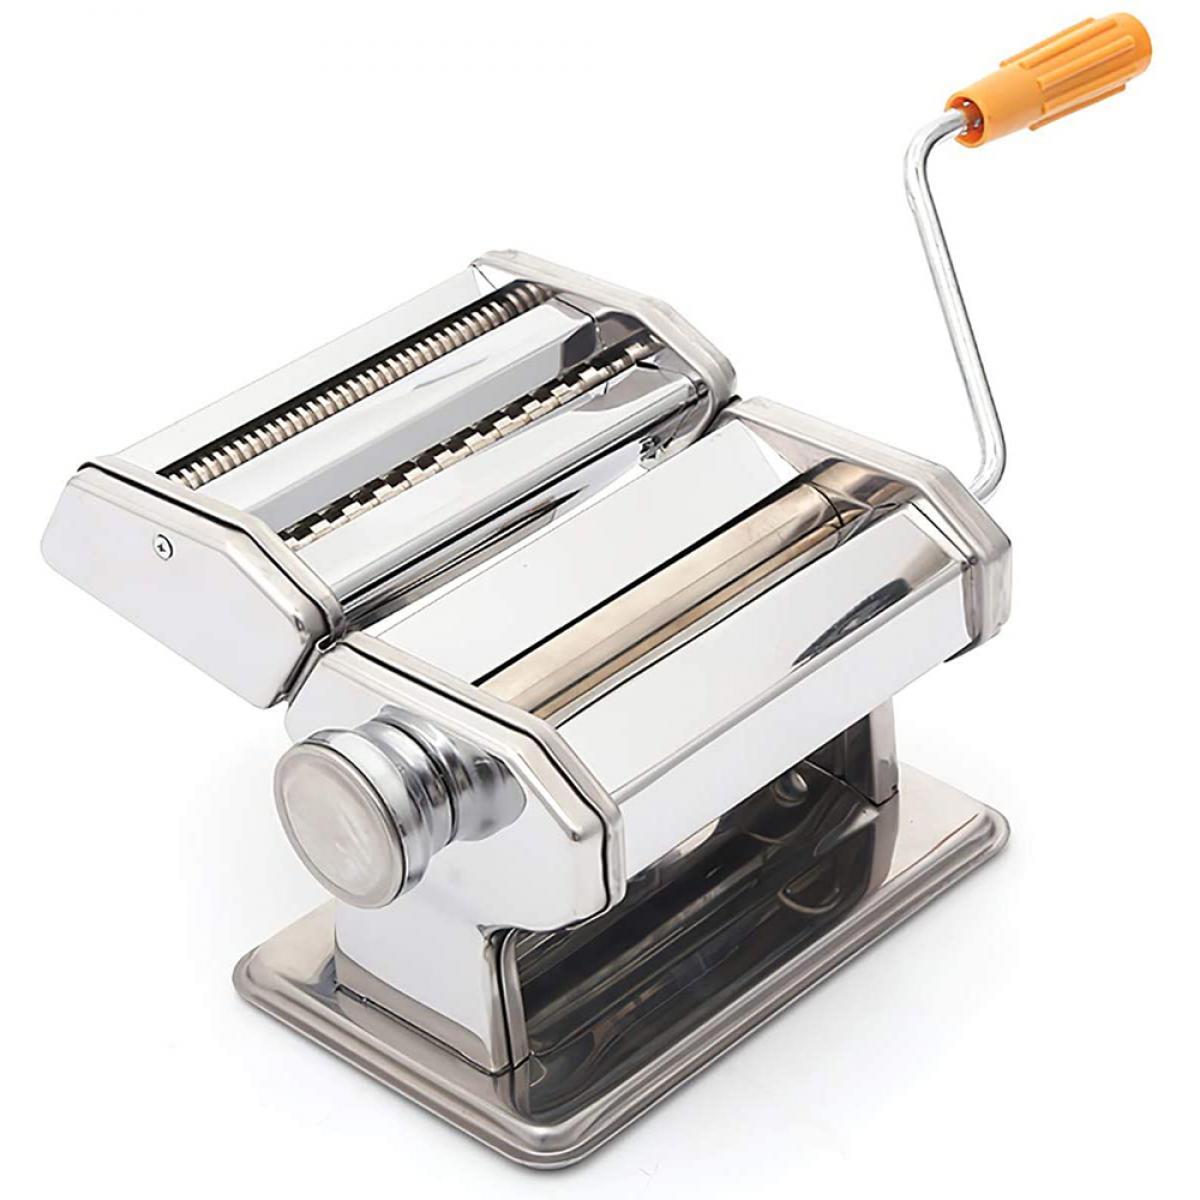 Ltppstore Kit machine a pates et de rouleaux decoupeurs pour patissier Appareil a pate / laminoir Robot ménager